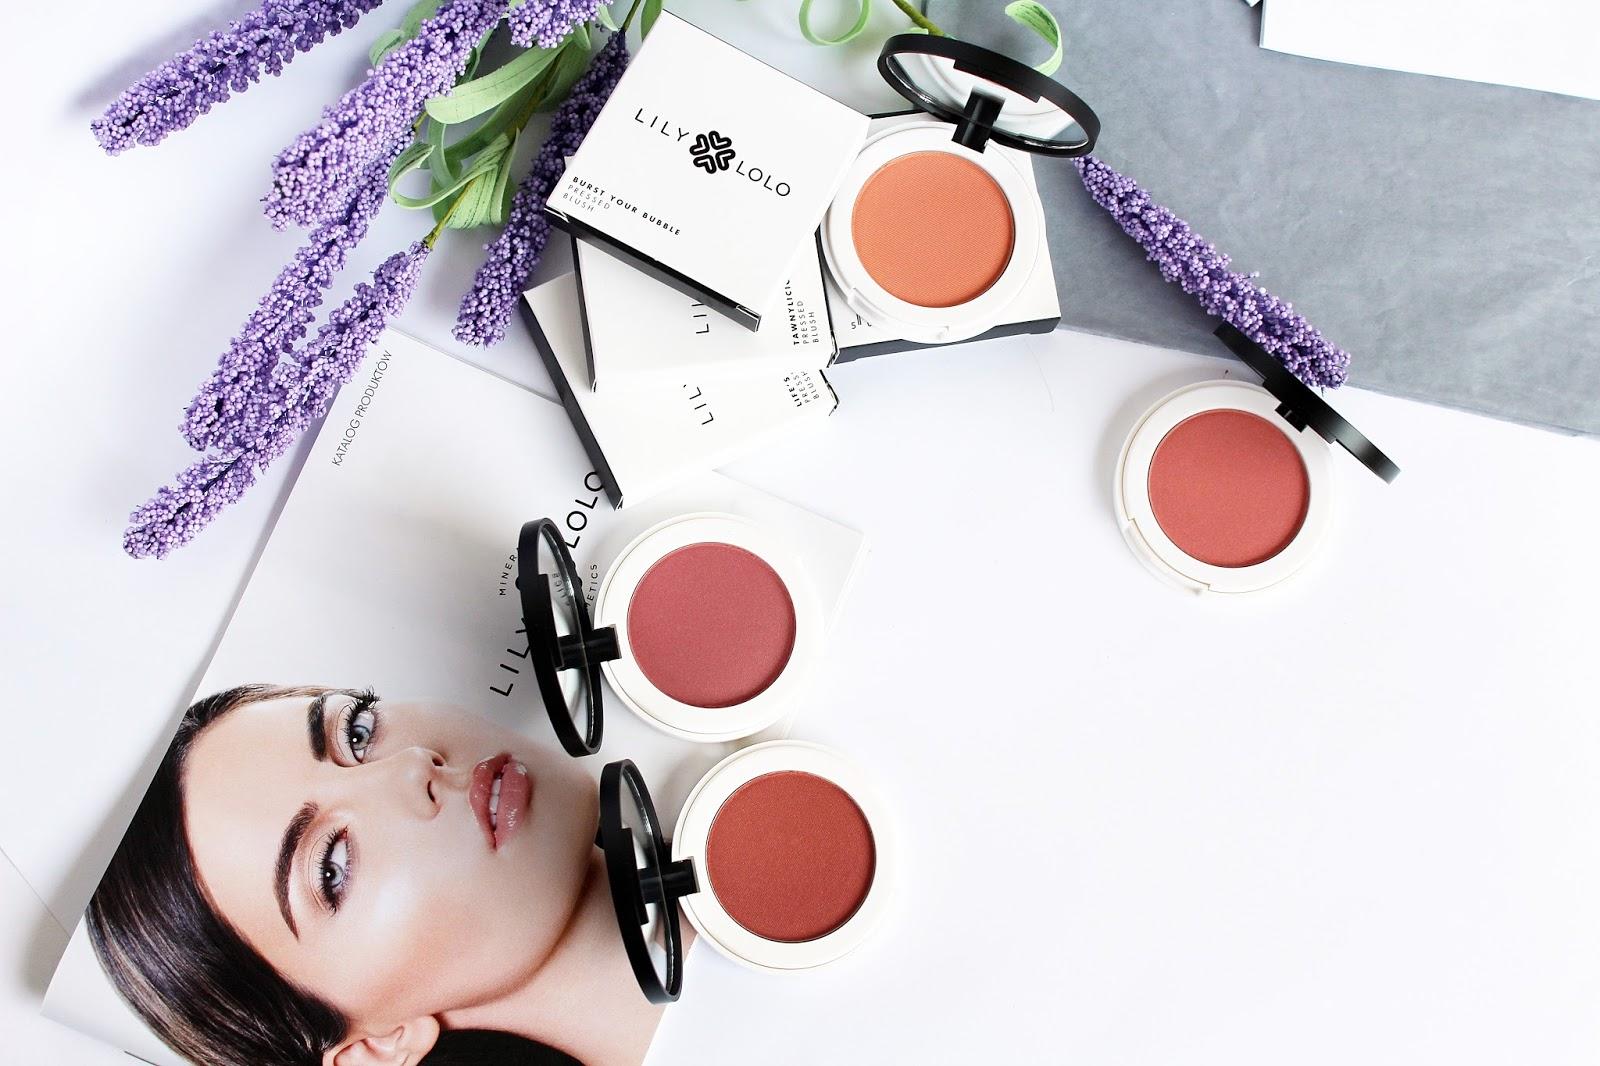 Lily Lolo, Naturalny Prasowany Róż do Policzków w odcieniach Coming Up Roses, Life's a Peach, Burst Your Bubble oraz Tawnylicious